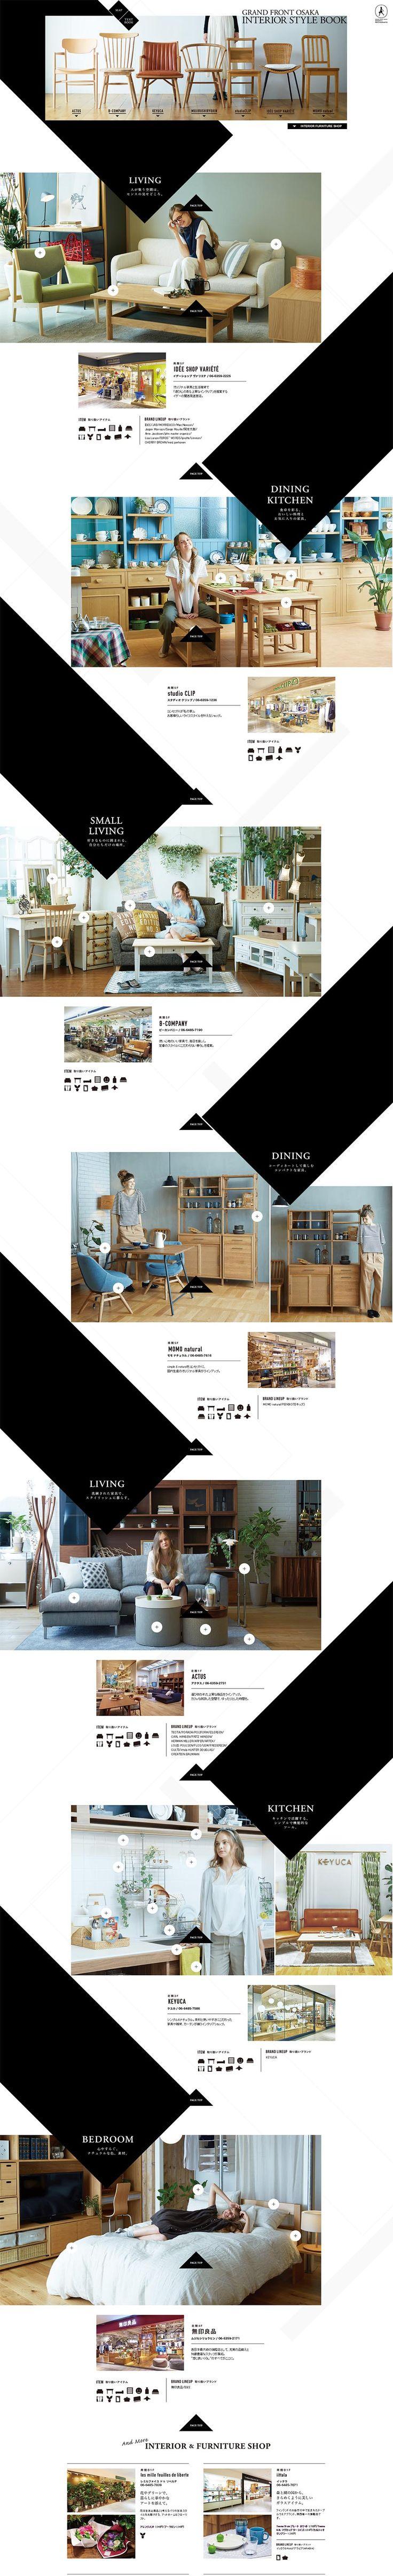 【黒のアクセント】GRAND FRONT OSAKA INTERIOR STYLE BOOK【インテリア関連】のLPデザイン。WEBデザイナーさん必見!ランディングページのデザイン参考に(シンプル系)